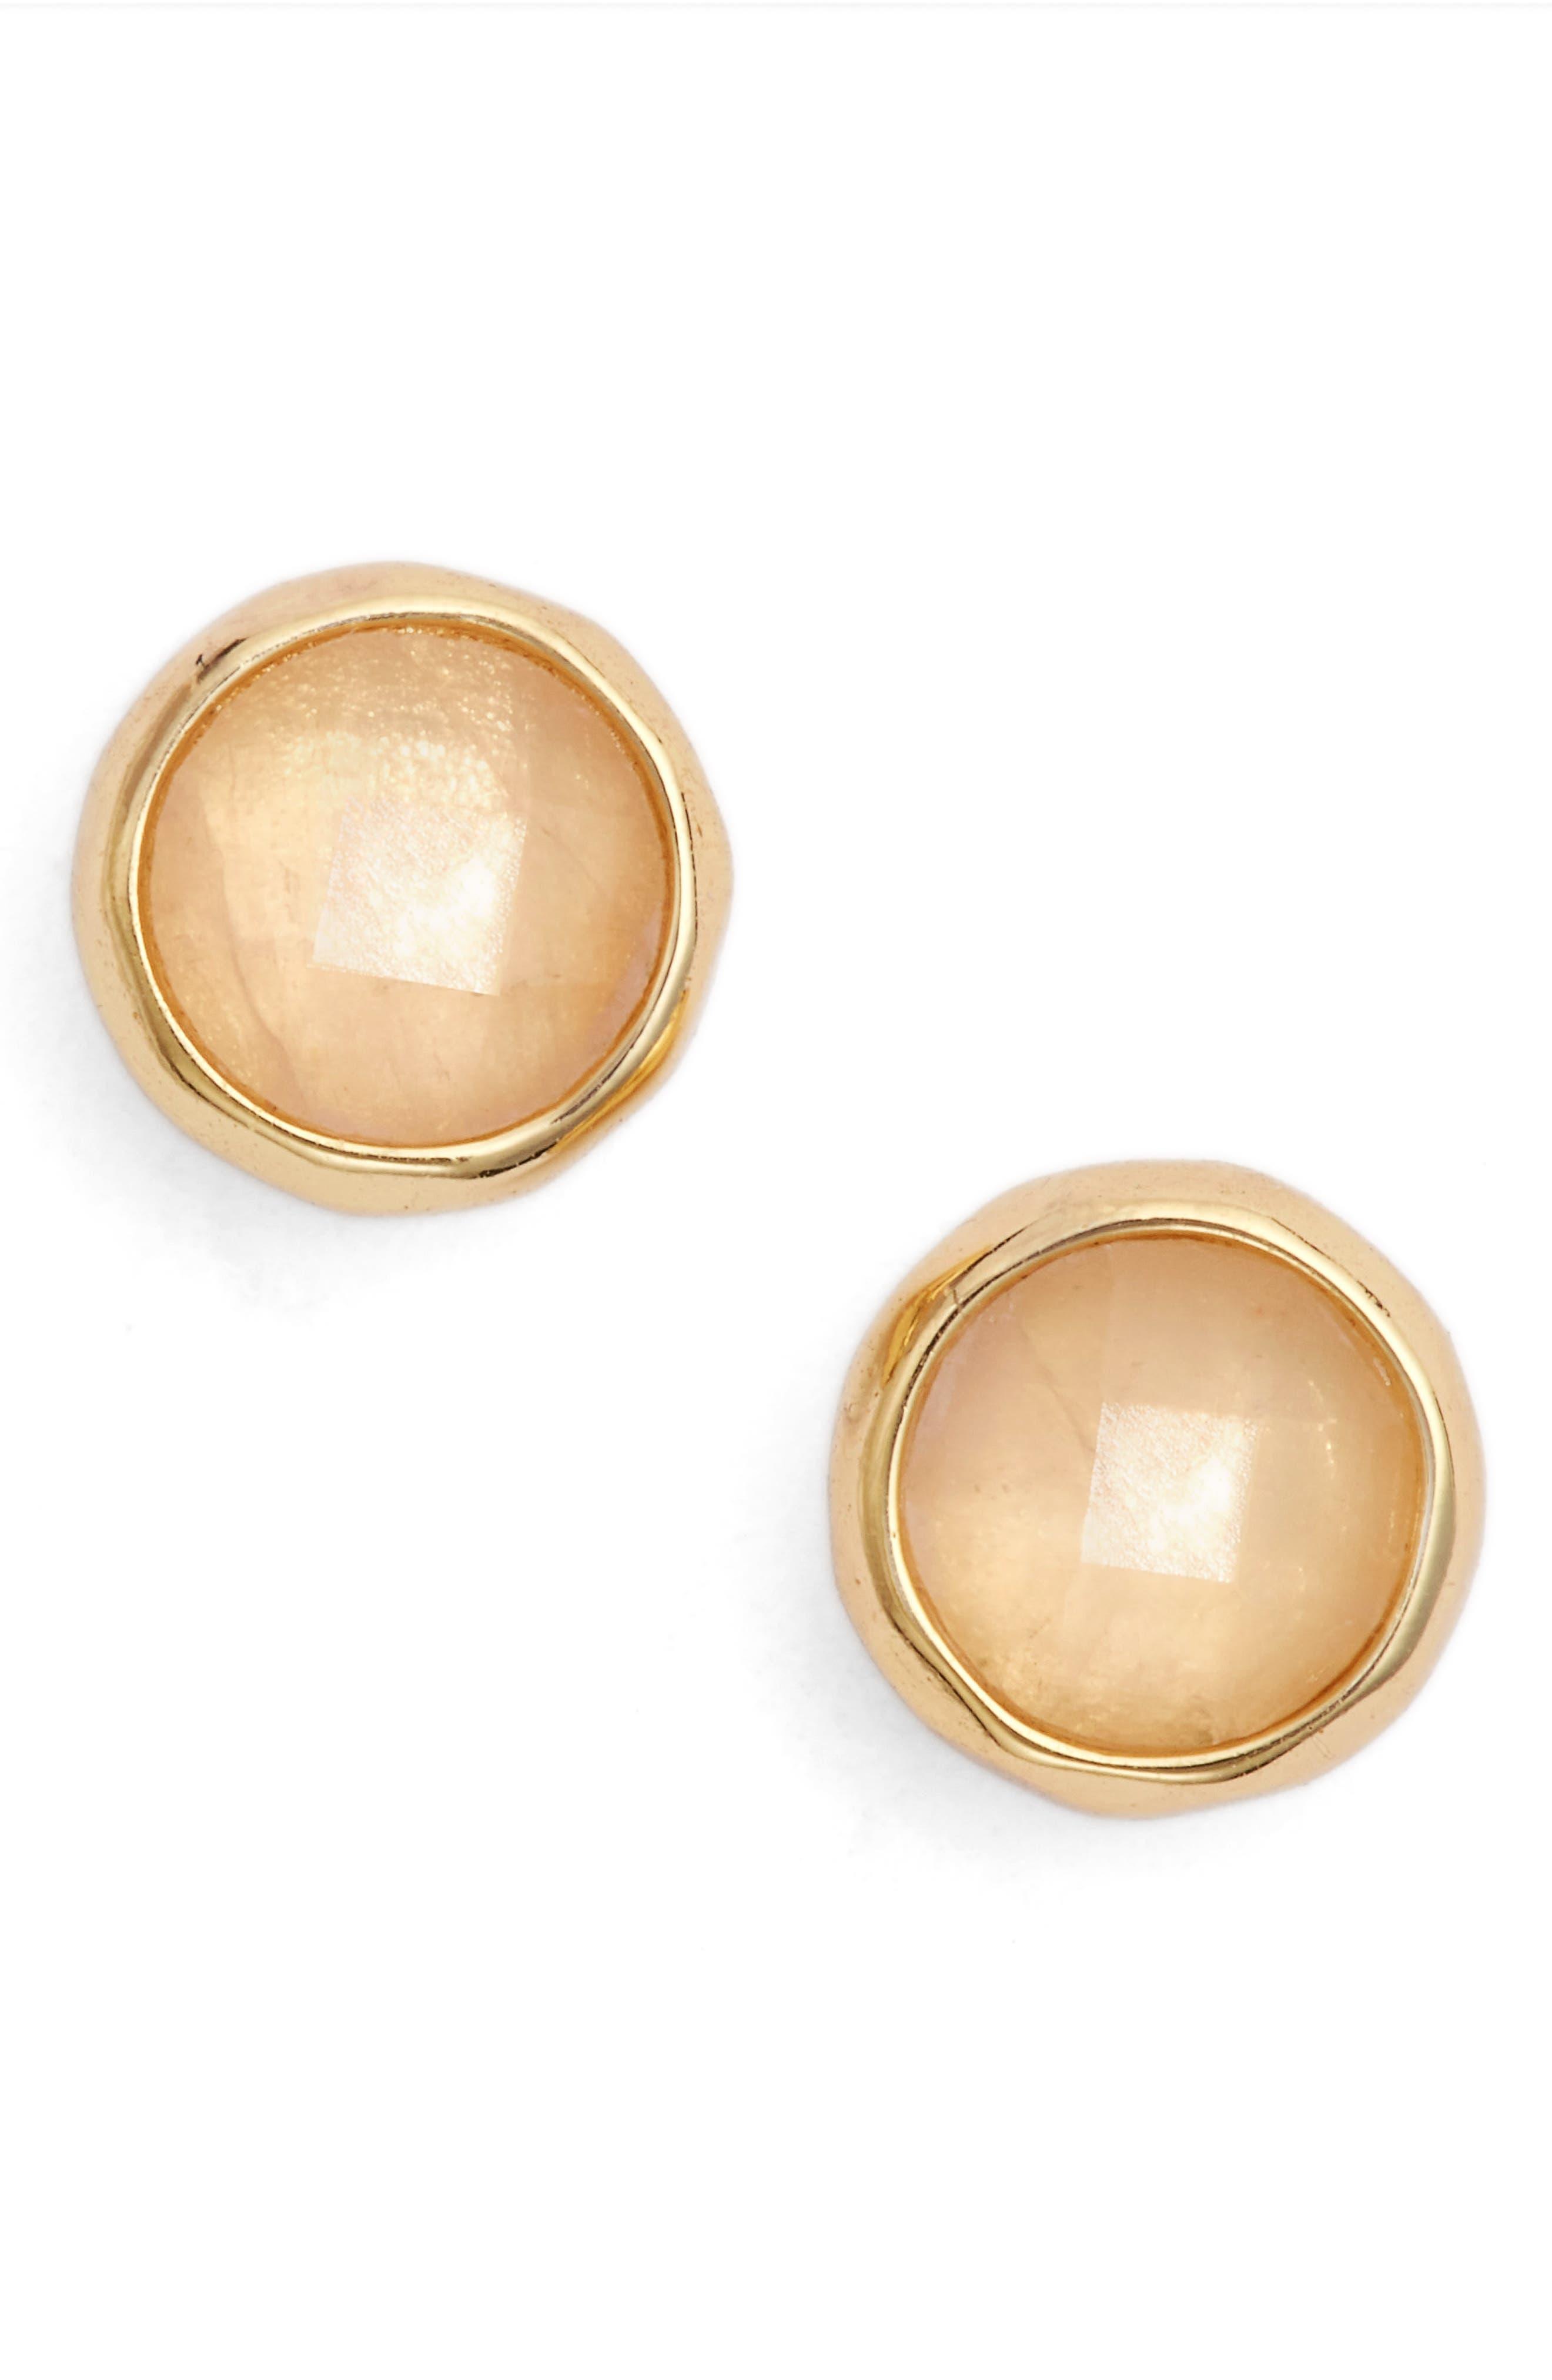 Love Stud Earrings,                             Main thumbnail 1, color,                             ROSE QUARTZ/ GOLD